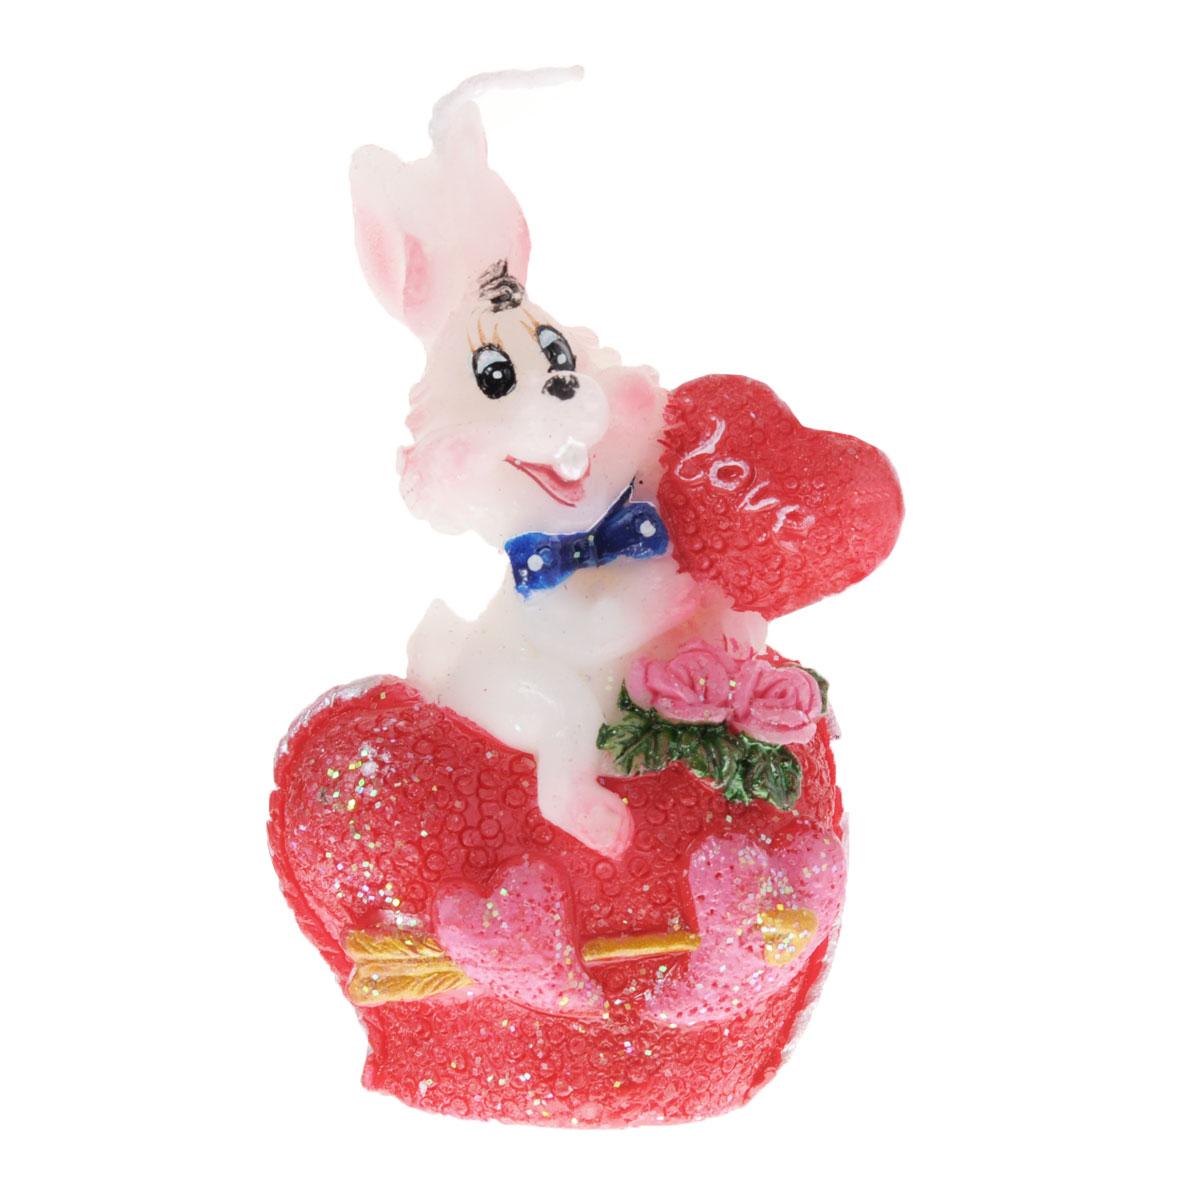 Свеча декоративная Lunten Ranta Влюбленный кролик. 5757057570Свеча декоративная Lunten Ranta Влюбленный кролик отличный подарок, подчеркивающий яркую индивидуальность того, кому он предназначается. Изделие выполнено из парафина в виде кролика держащего сердечко. Такая свеча украсит интерьер вашего дома или офиса. Оригинальный дизайн и красочное исполнение создадут отличное настроение.